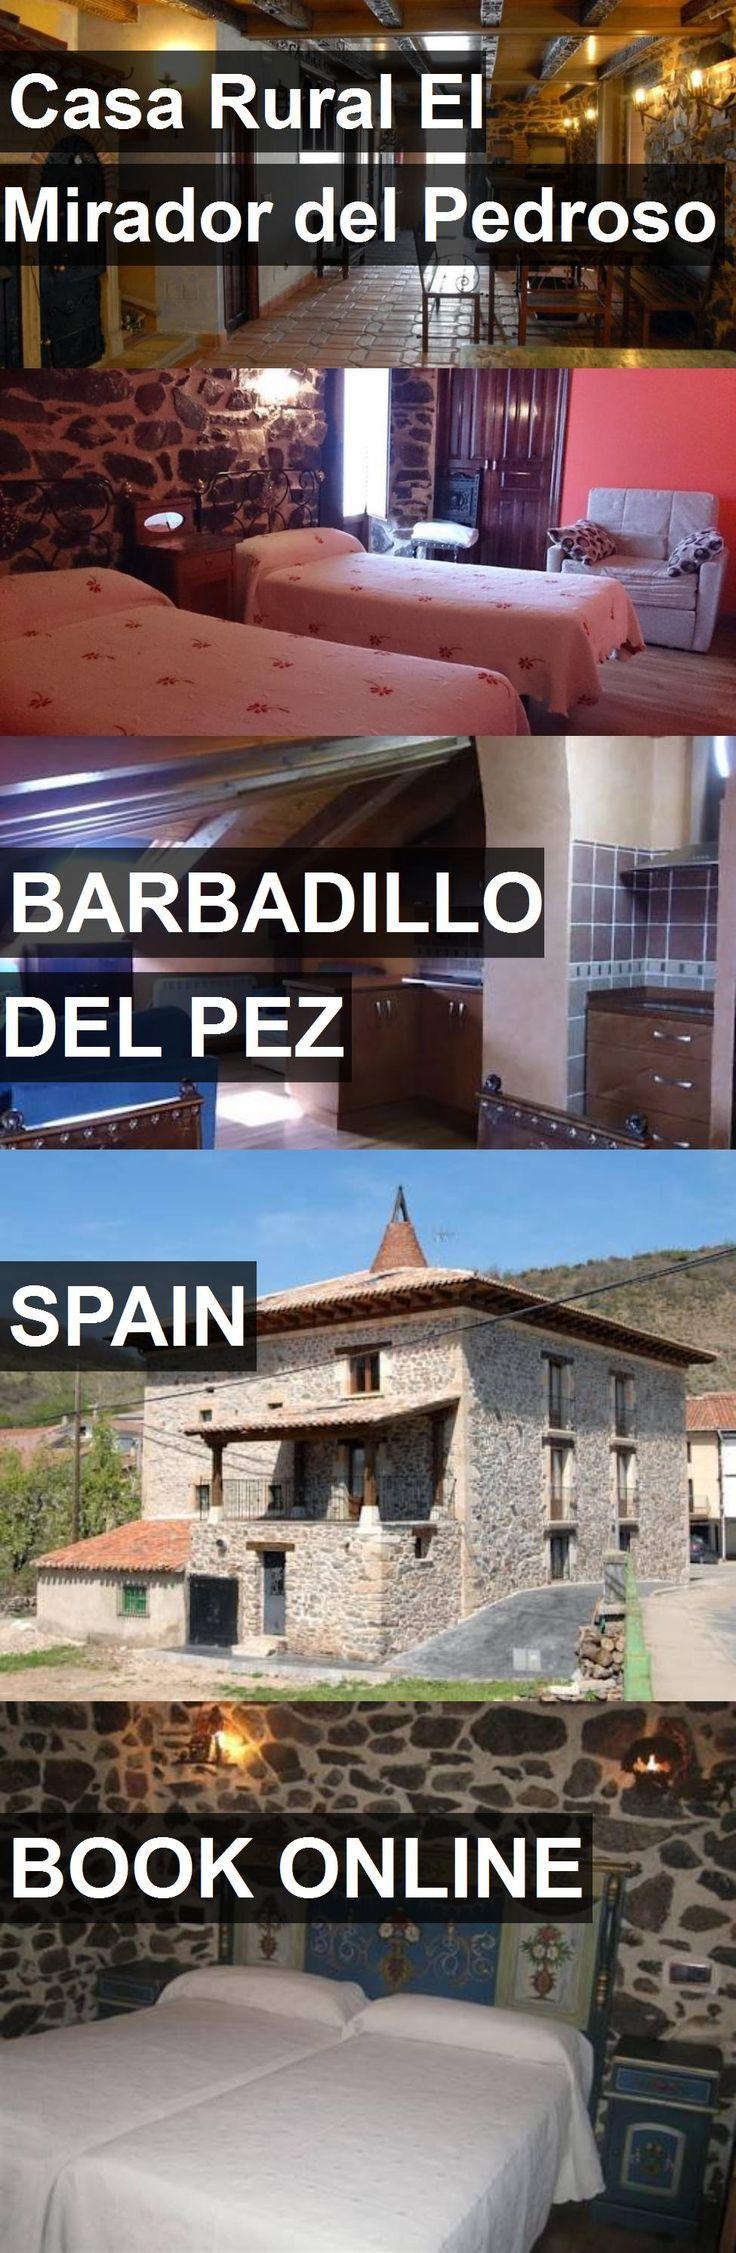 Hotel Casa Rural El Mirador del Pedroso in Barbadillo del Pez, Spain. For more information, photos, reviews and best prices please follow the link. #Spain #BarbadillodelPez #travel #vacation #hotel